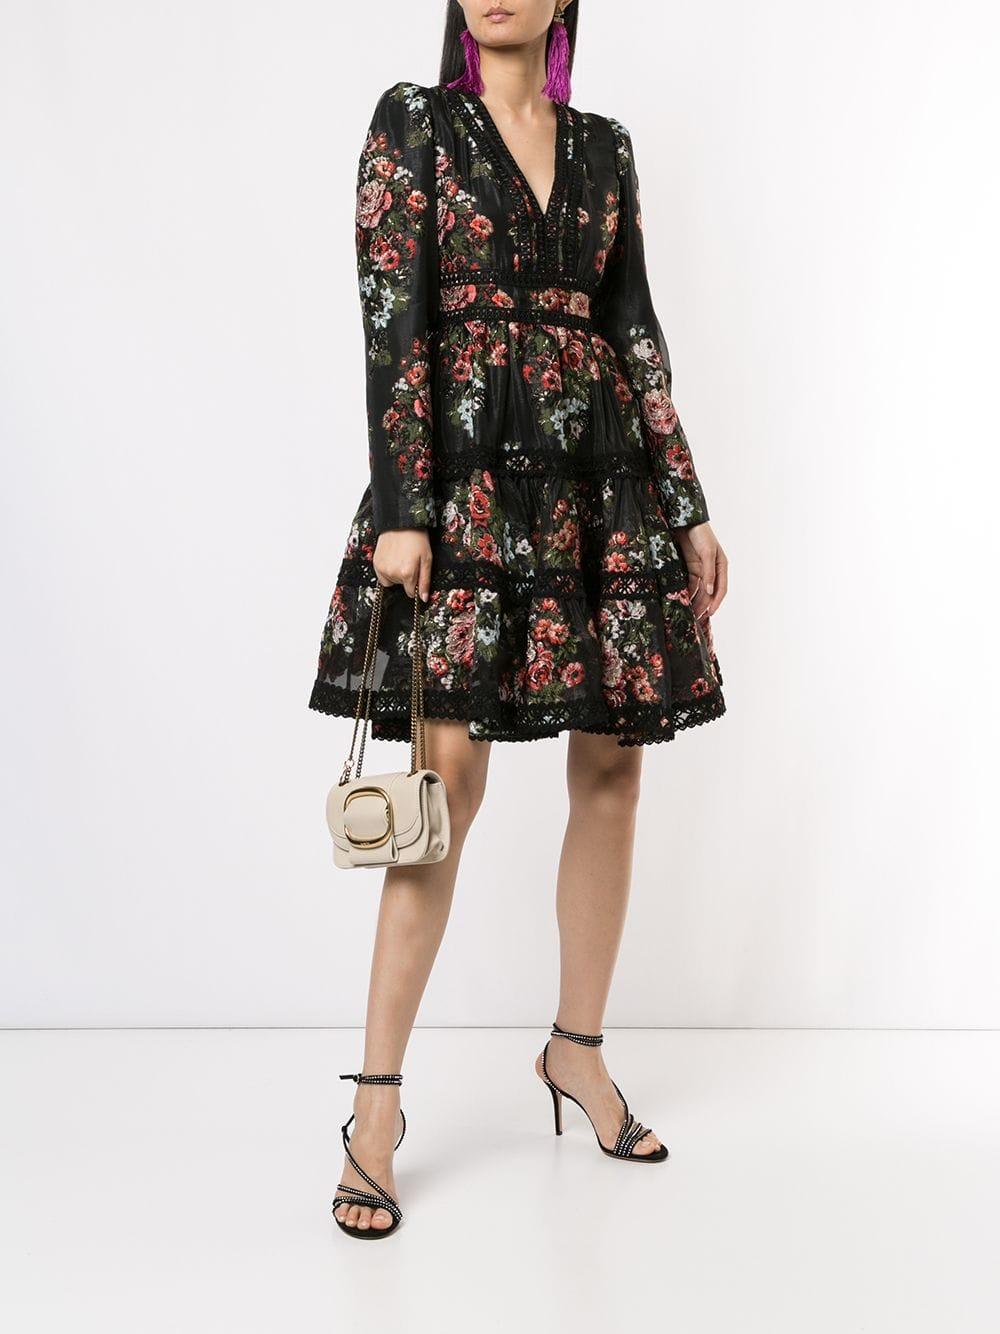 INGIE PARIS V-neck Floral Pattern Dress